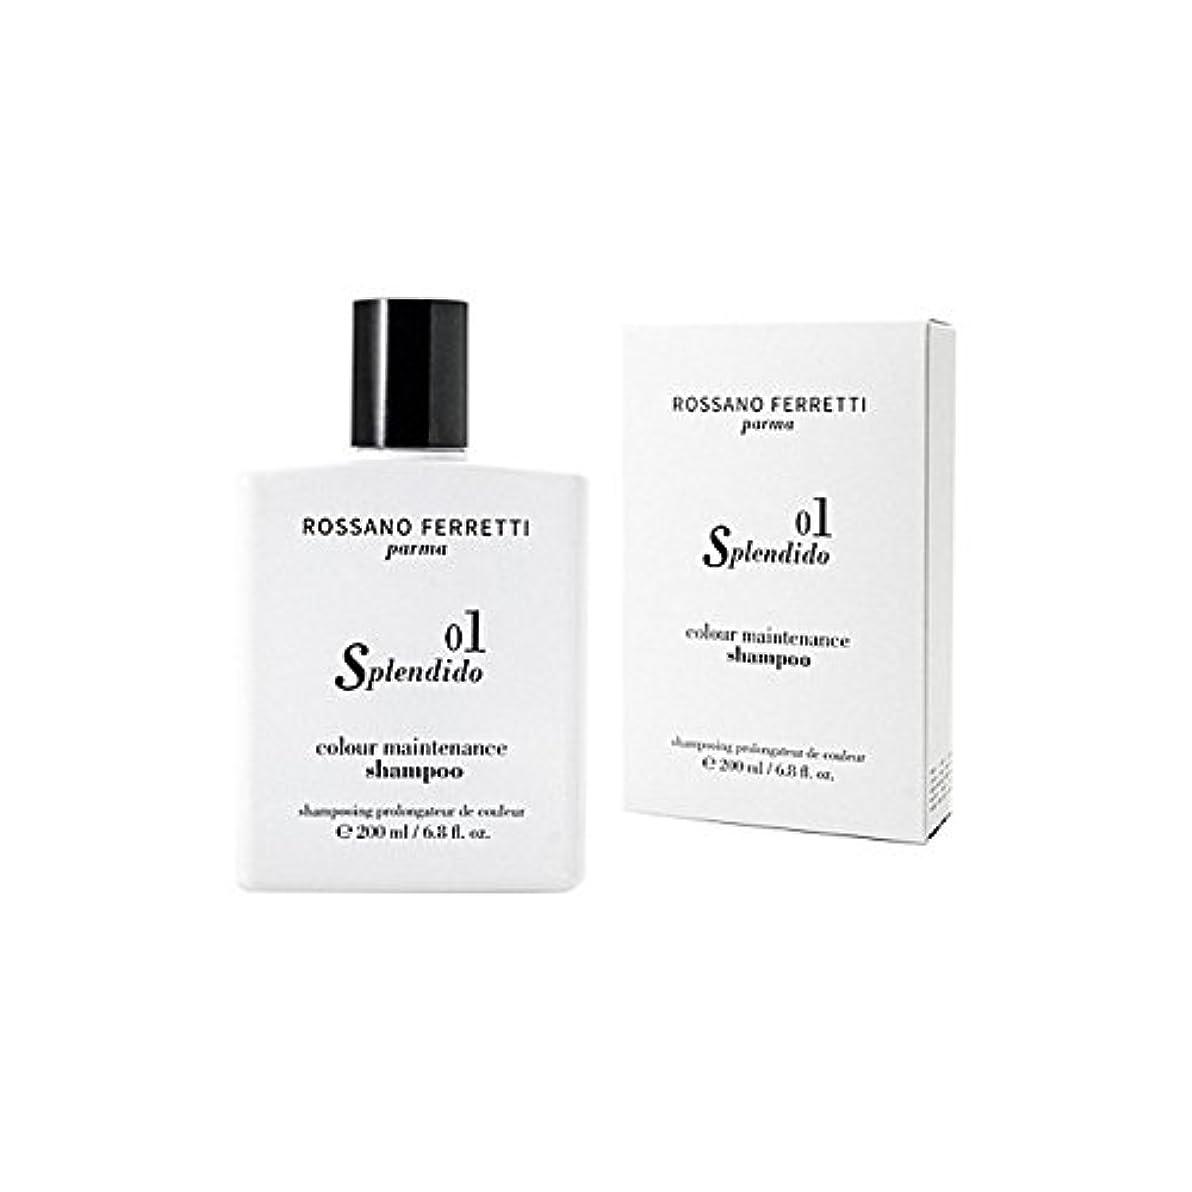 生き物比喩ブレンドRossano Ferretti Parma Splendido Colour Maintenance Shampoo 200ml (Pack of 6) - ロッサノフェレッティパルマスプレンディードカラーメンテナンスシャンプー200ミリリットル x6 [並行輸入品]